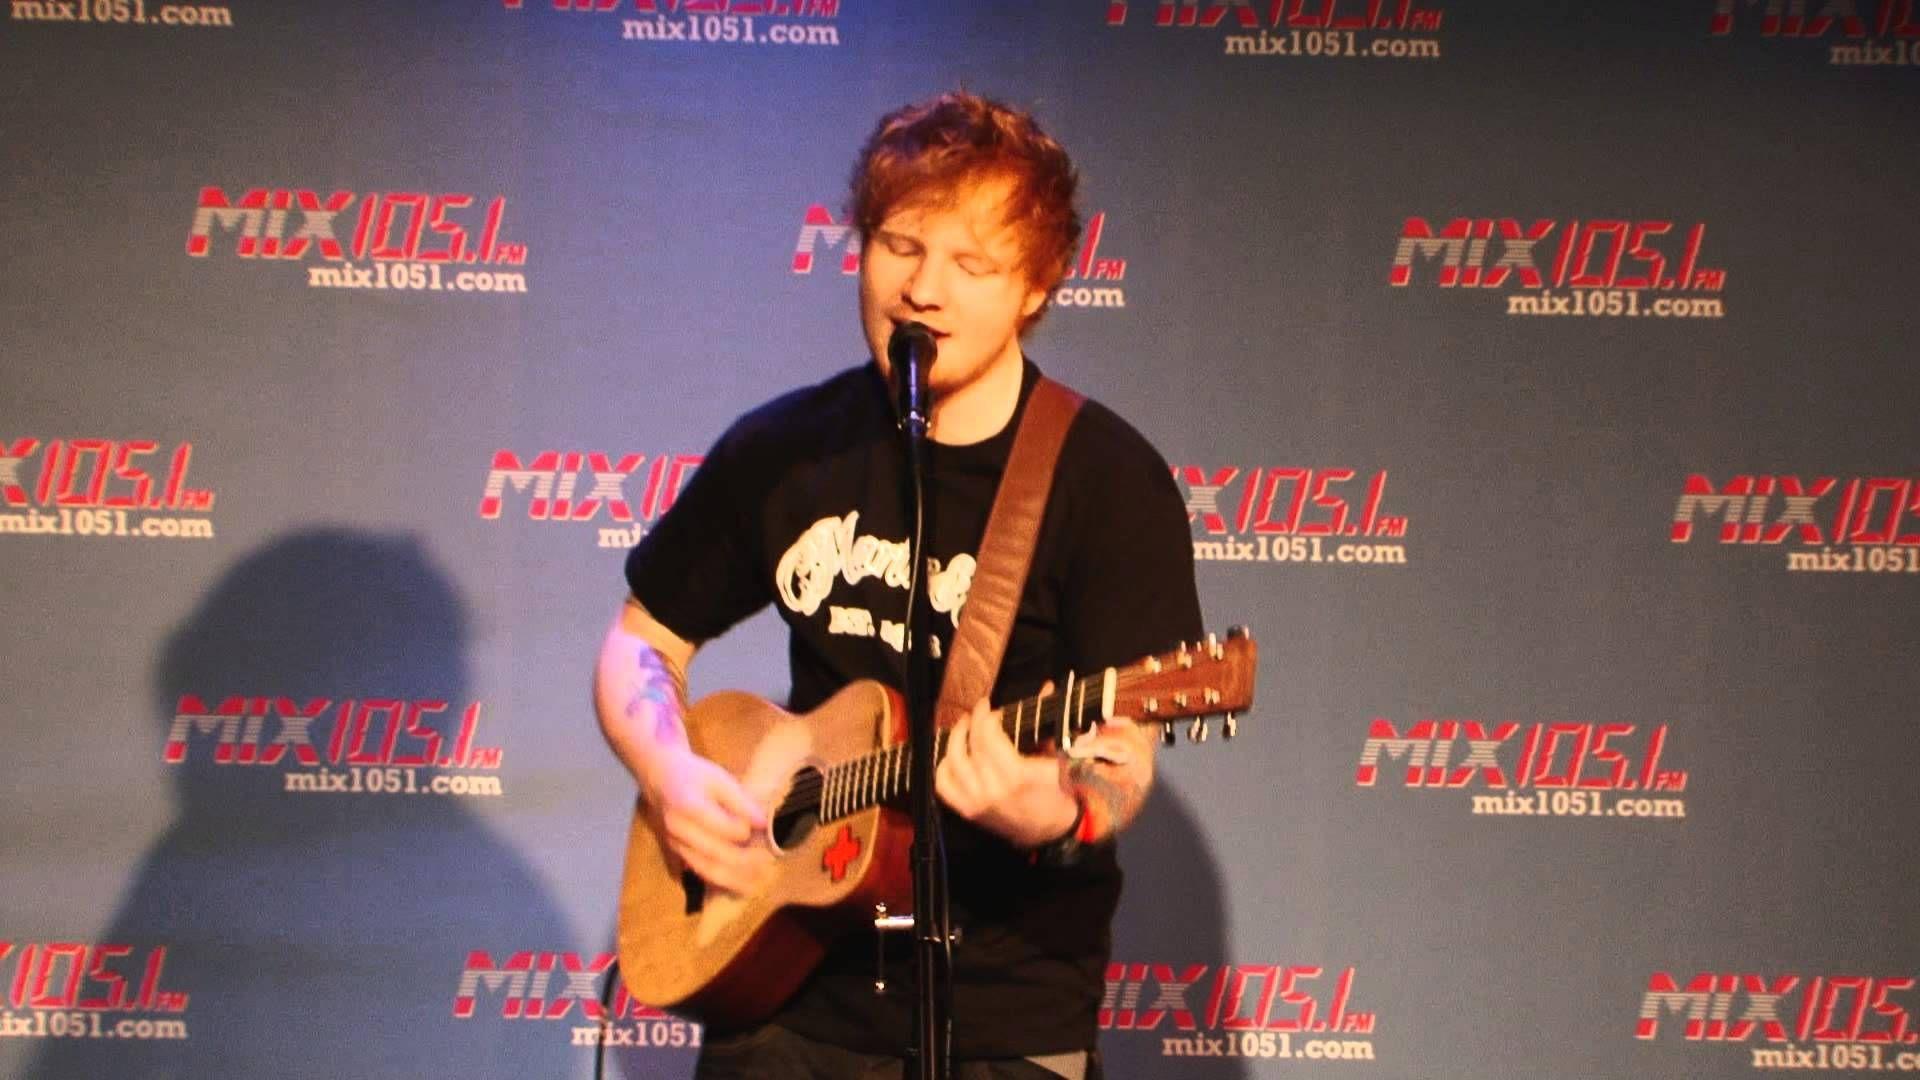 Ed Sheeran No Diggity Cover With Images Ed Sheeran Cover